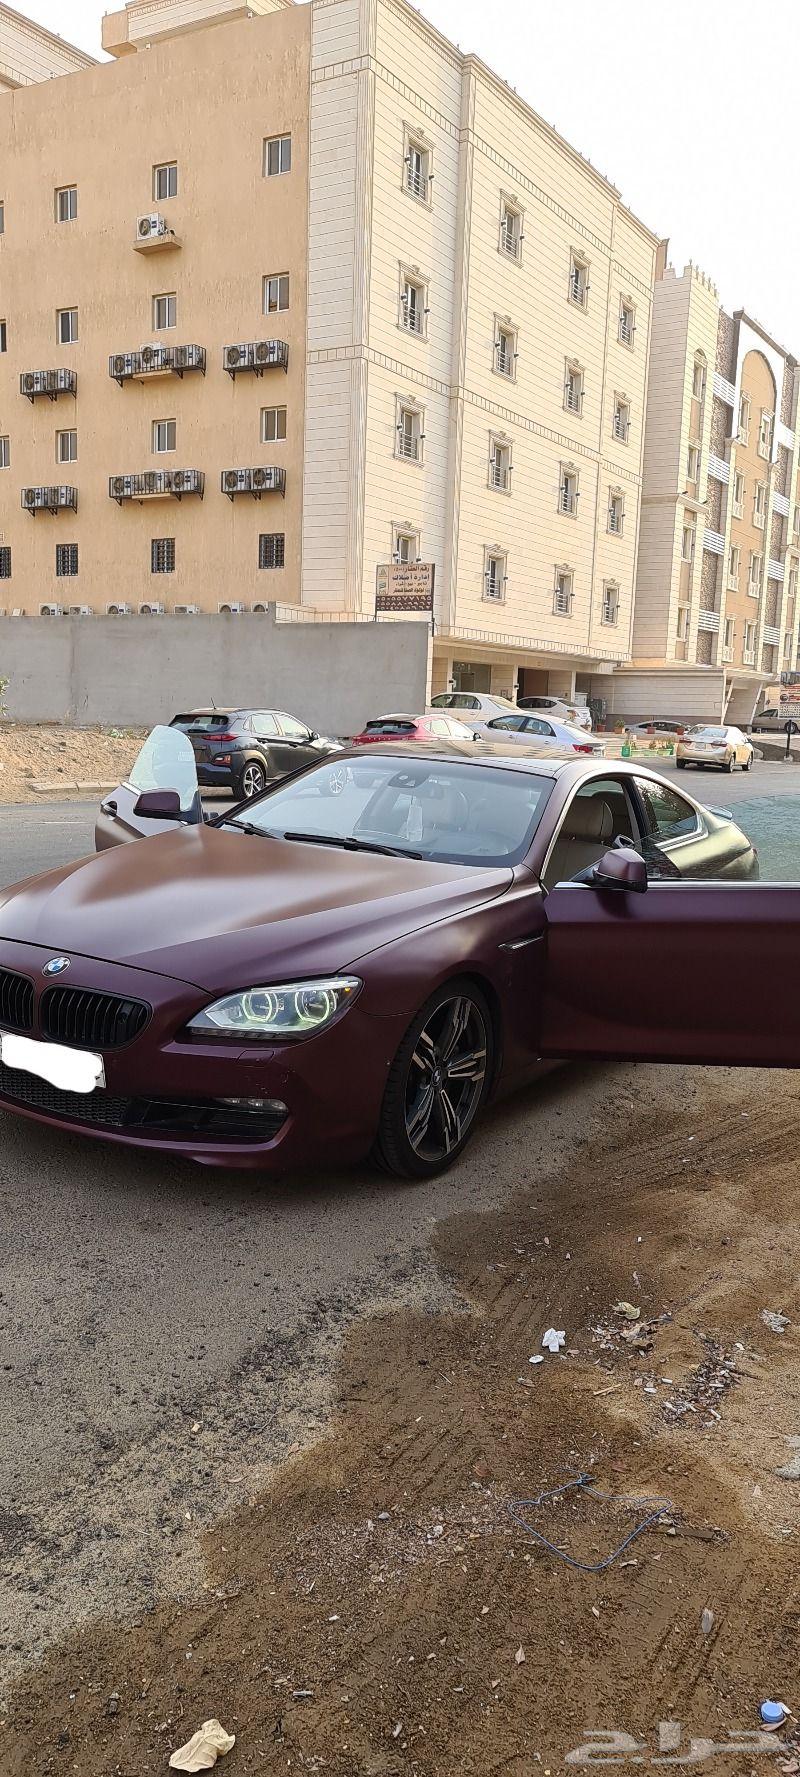 للبيع او للبدل بي ام 650 موديل 2012